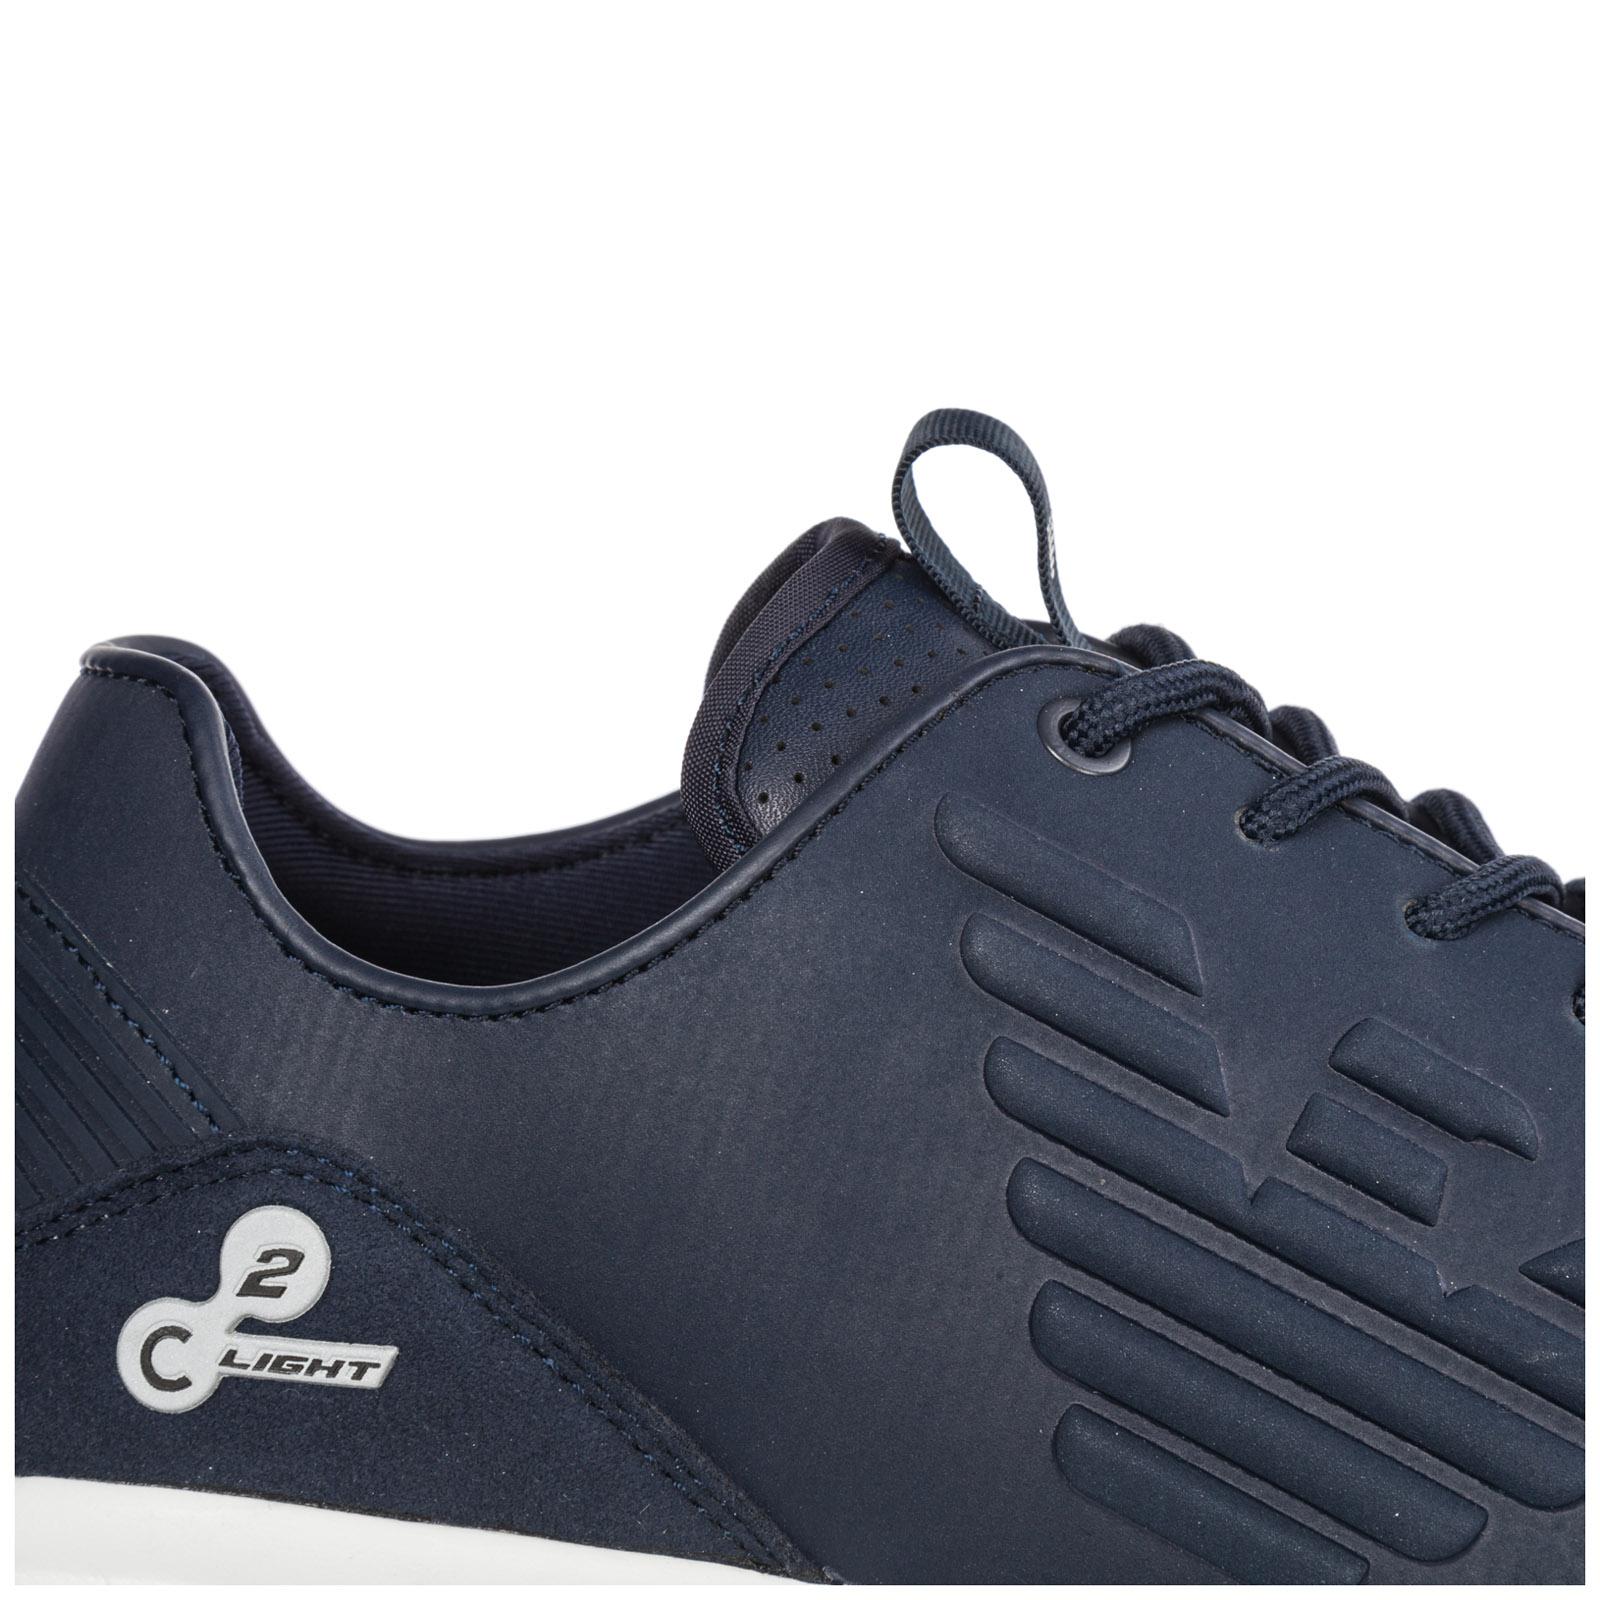 369e9b90d9c Zapatillas para correr Emporio Armani EA7 X8X013XK016A138 navy ...